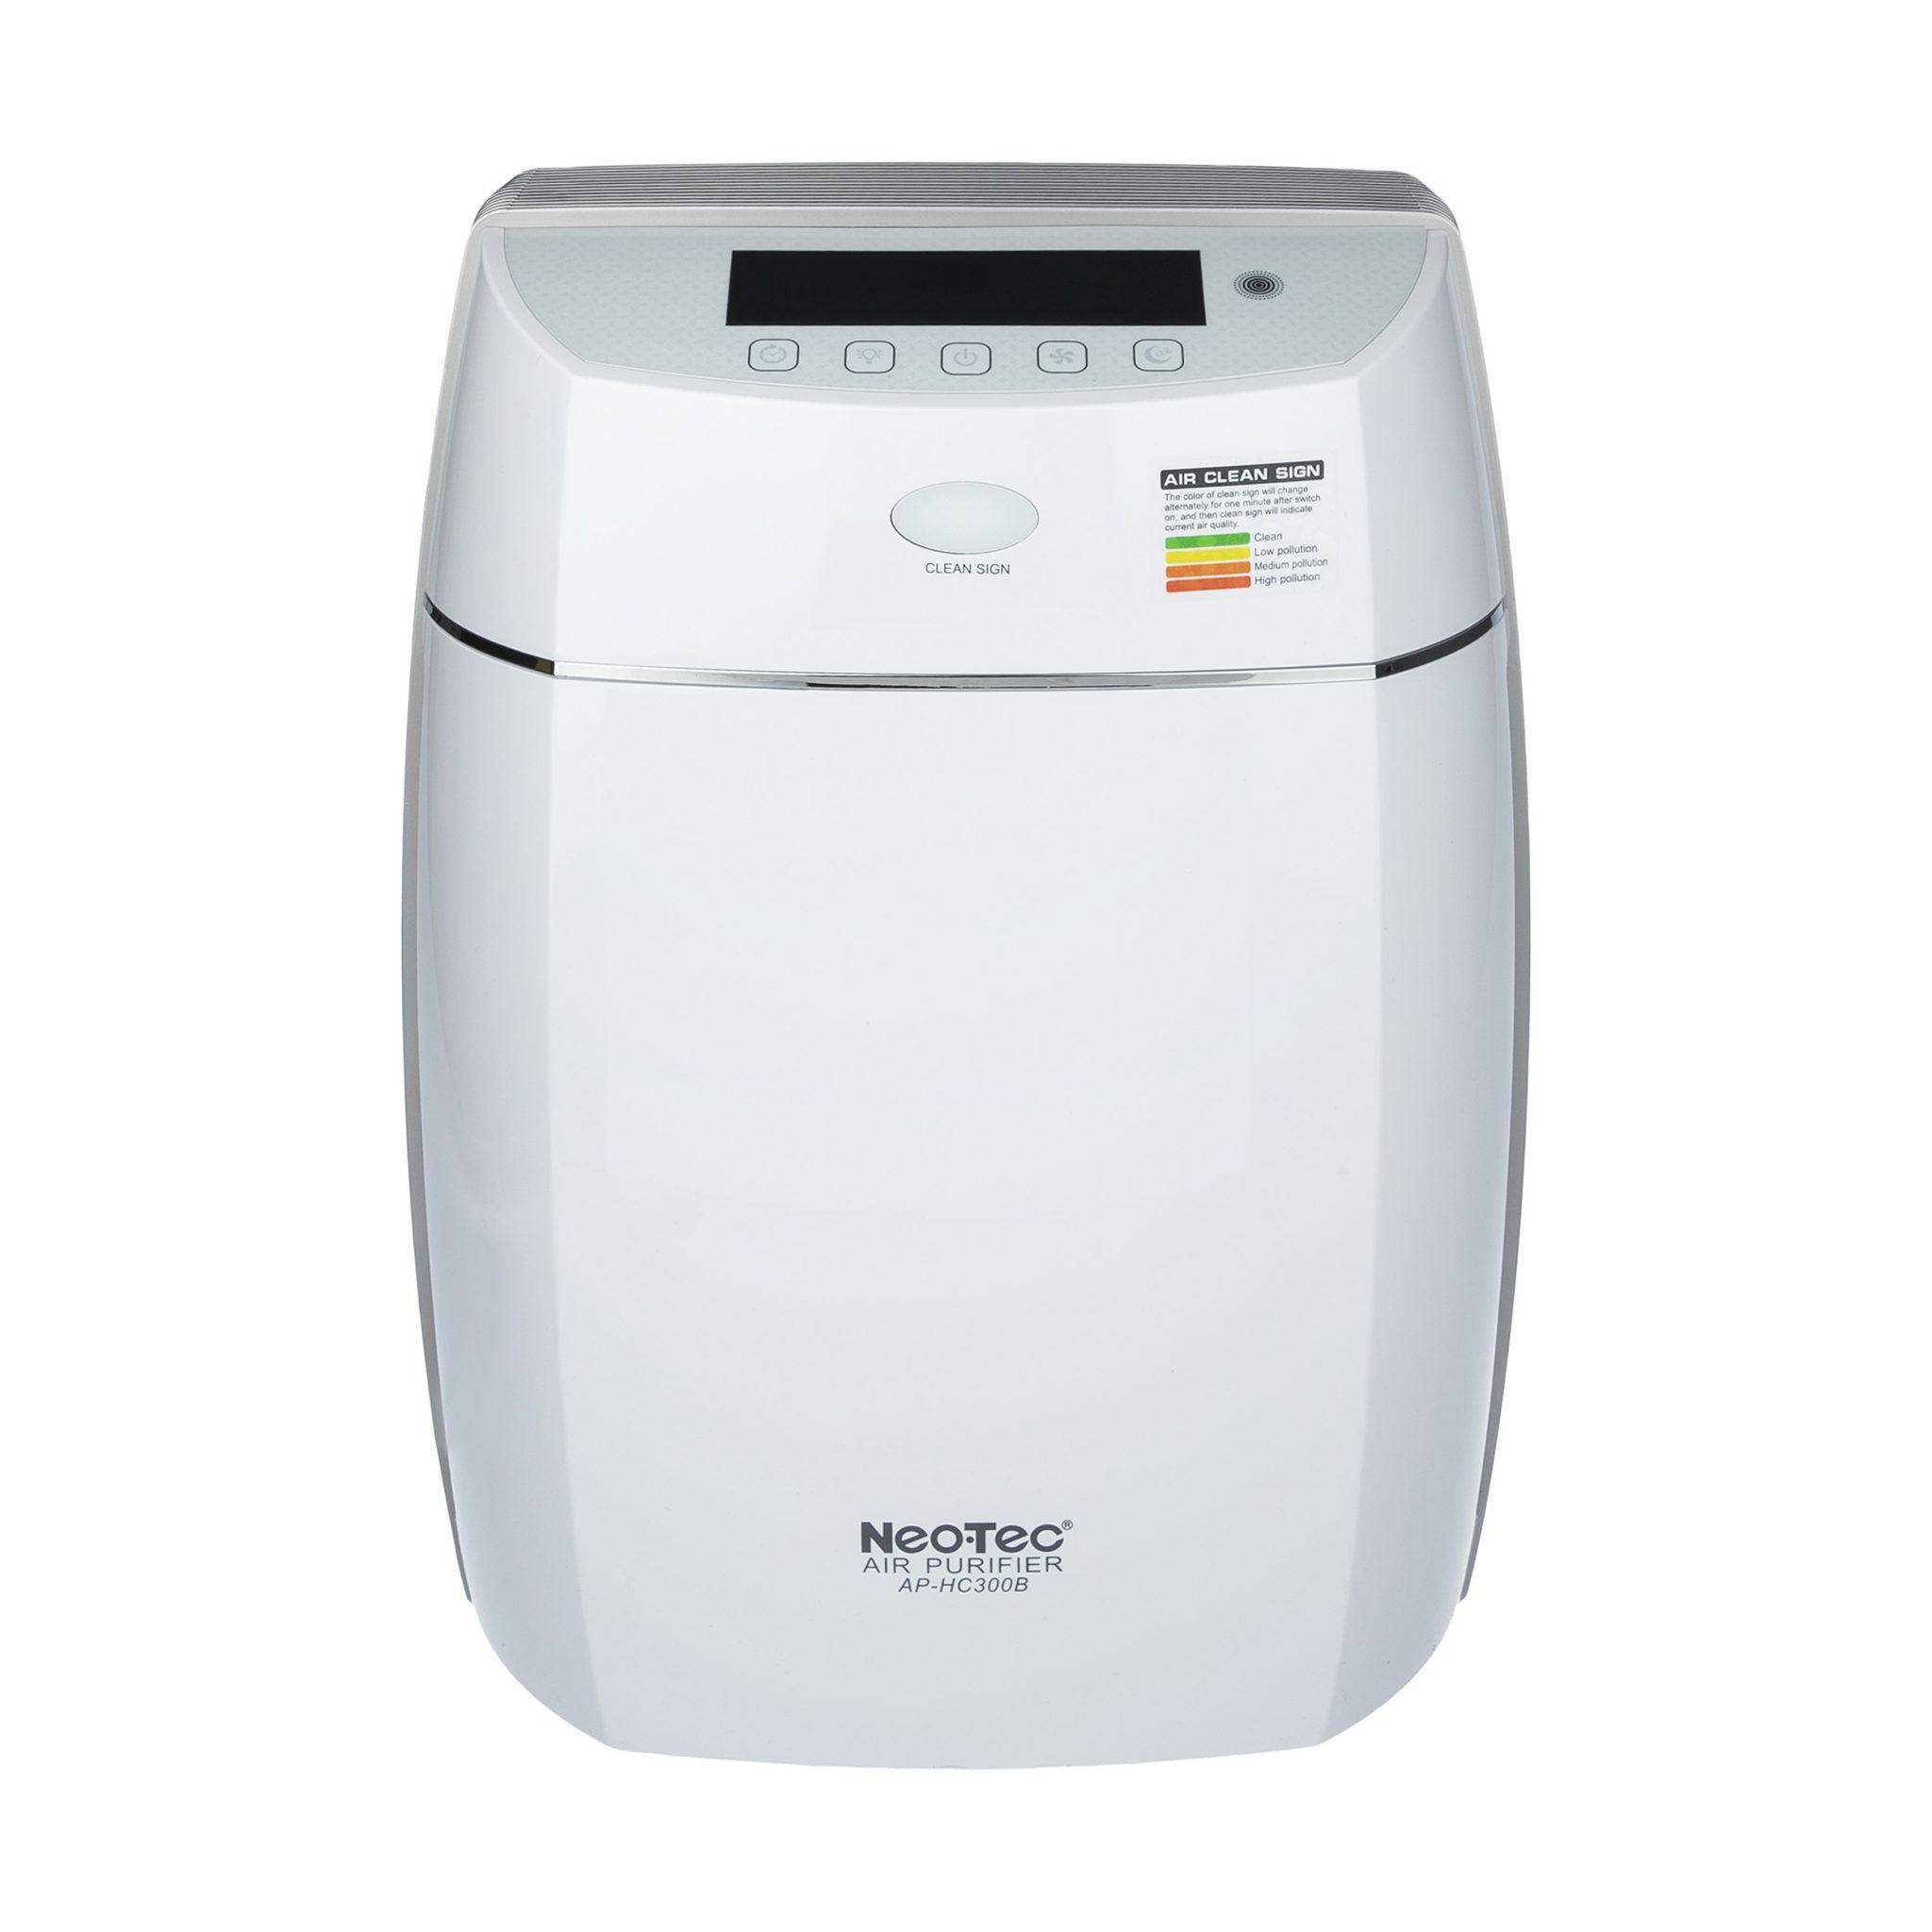 دستگاه تصفیه هوا AP-HC300B